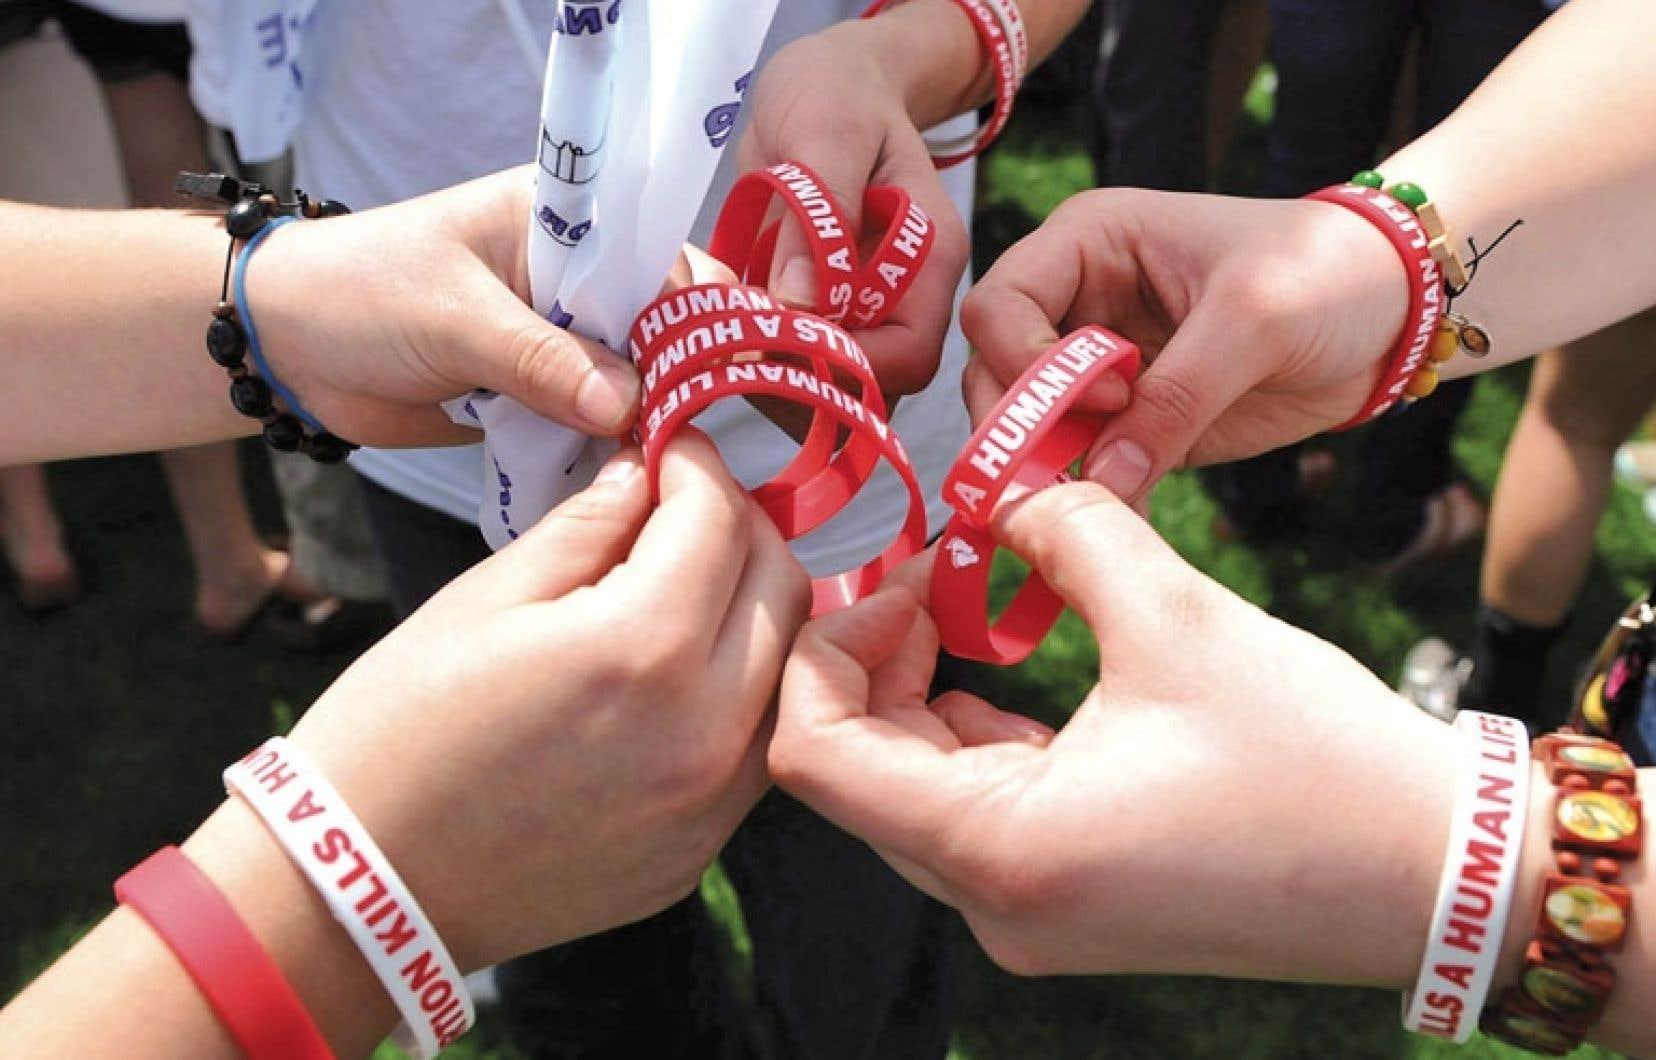 Distribution de bracelets «L'avortement tue une vie humaine» lors d'une manifestation pro-vie qui se tient chaque année en mai, sur la colline parlementaire, à Ottawa.